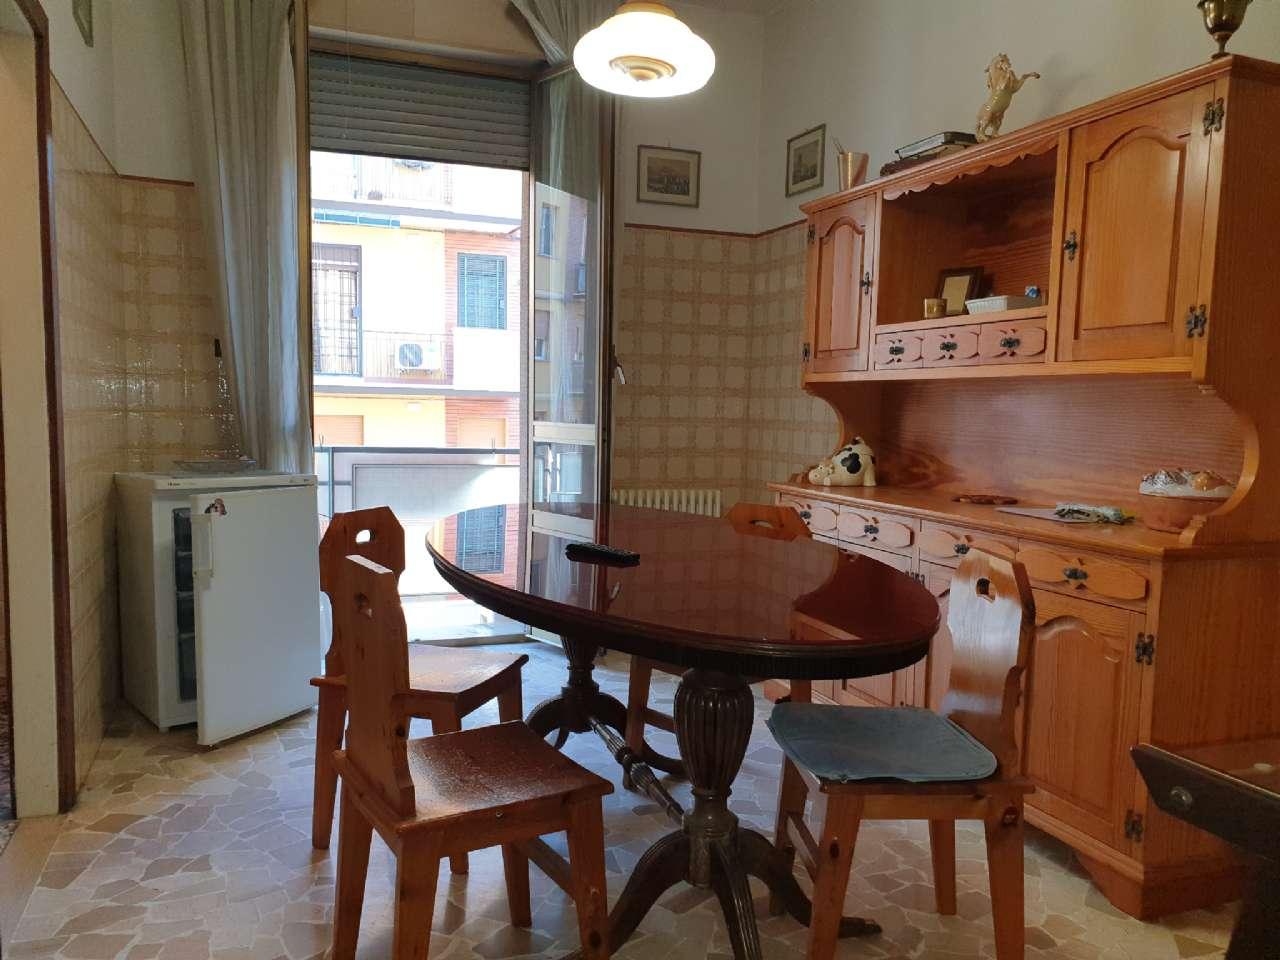 Quadrilocale, Via Augusto Pulega, Zona Barca, Bologna, foto 3